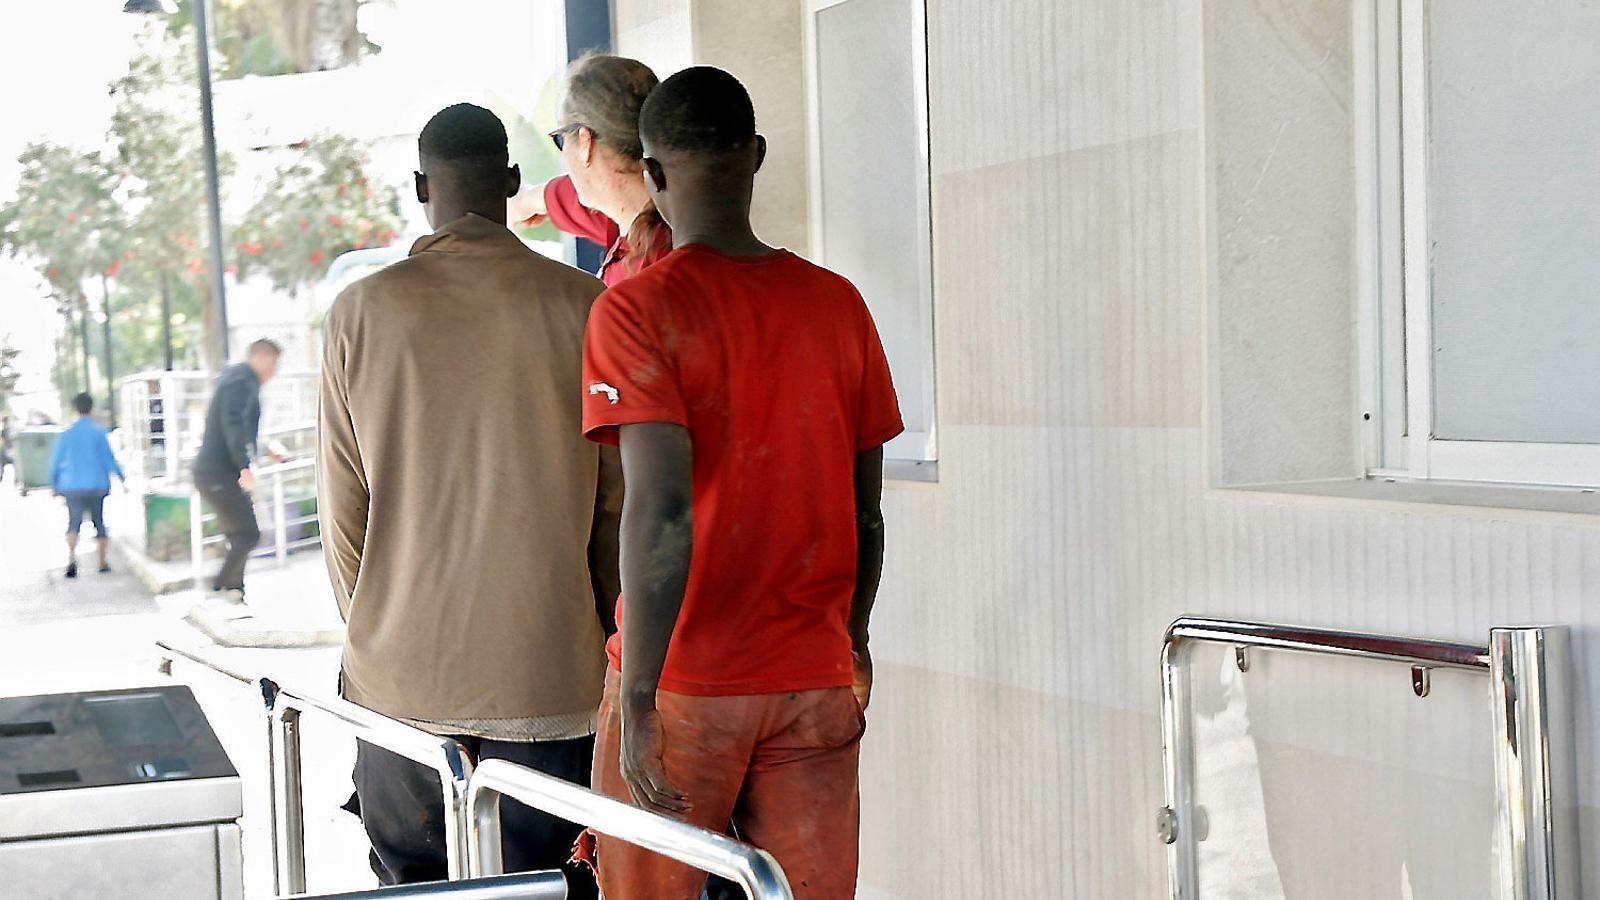 Joves subsaharians que van saltar ahir la tanca de Melilla arriben al centre d'estada temporal d'immigrants.